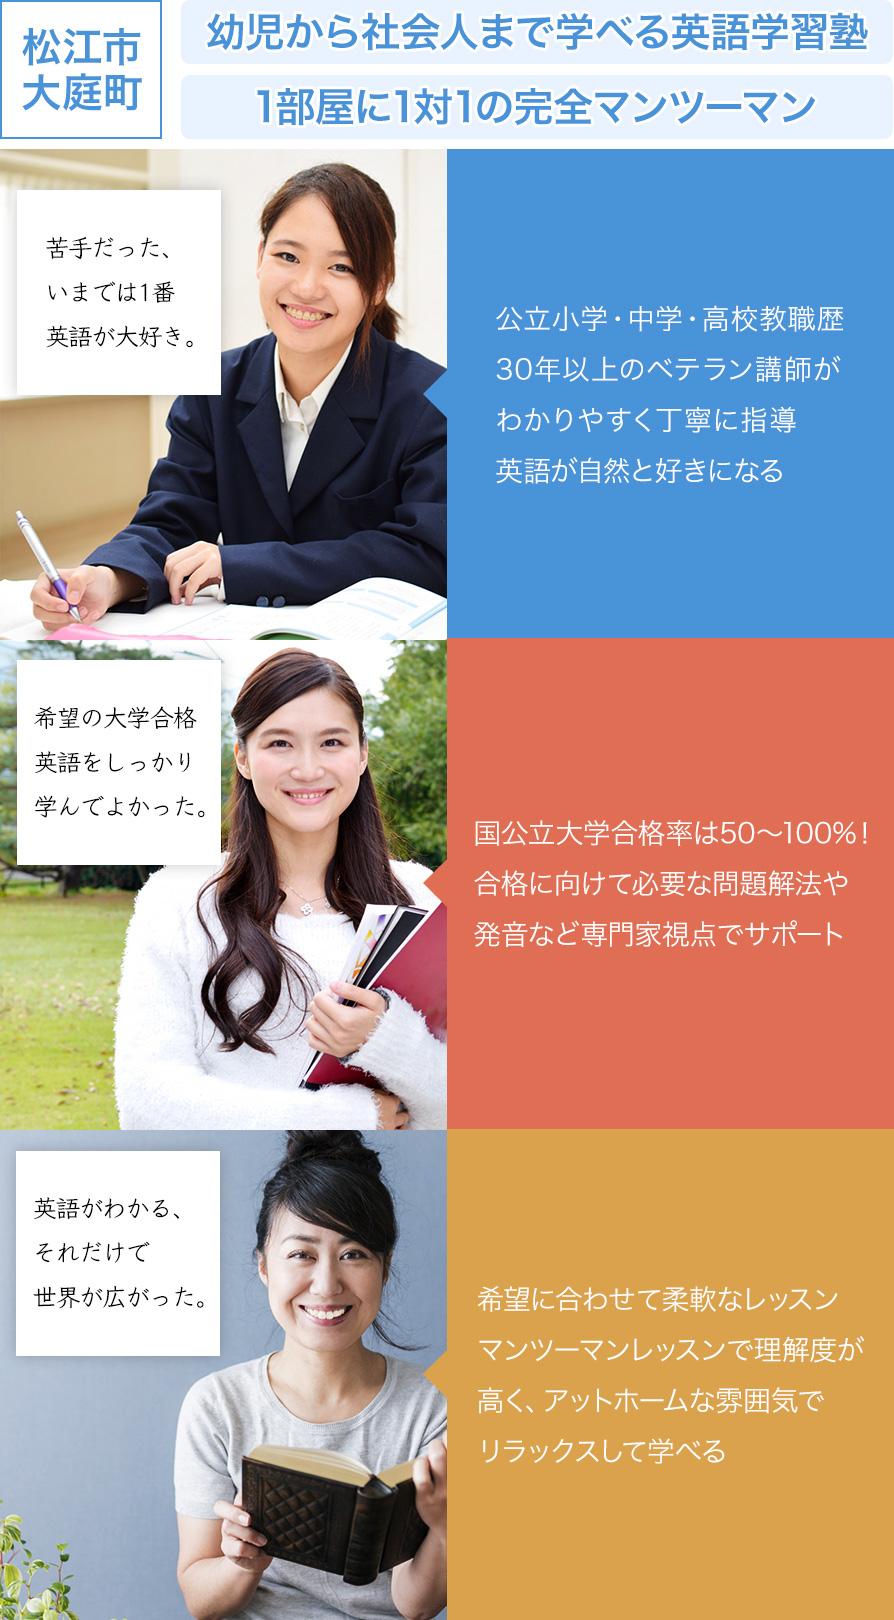 松江市大庭町の英語学習塾 Katie English Seminar 1部屋に1対1の完全マンツーマン